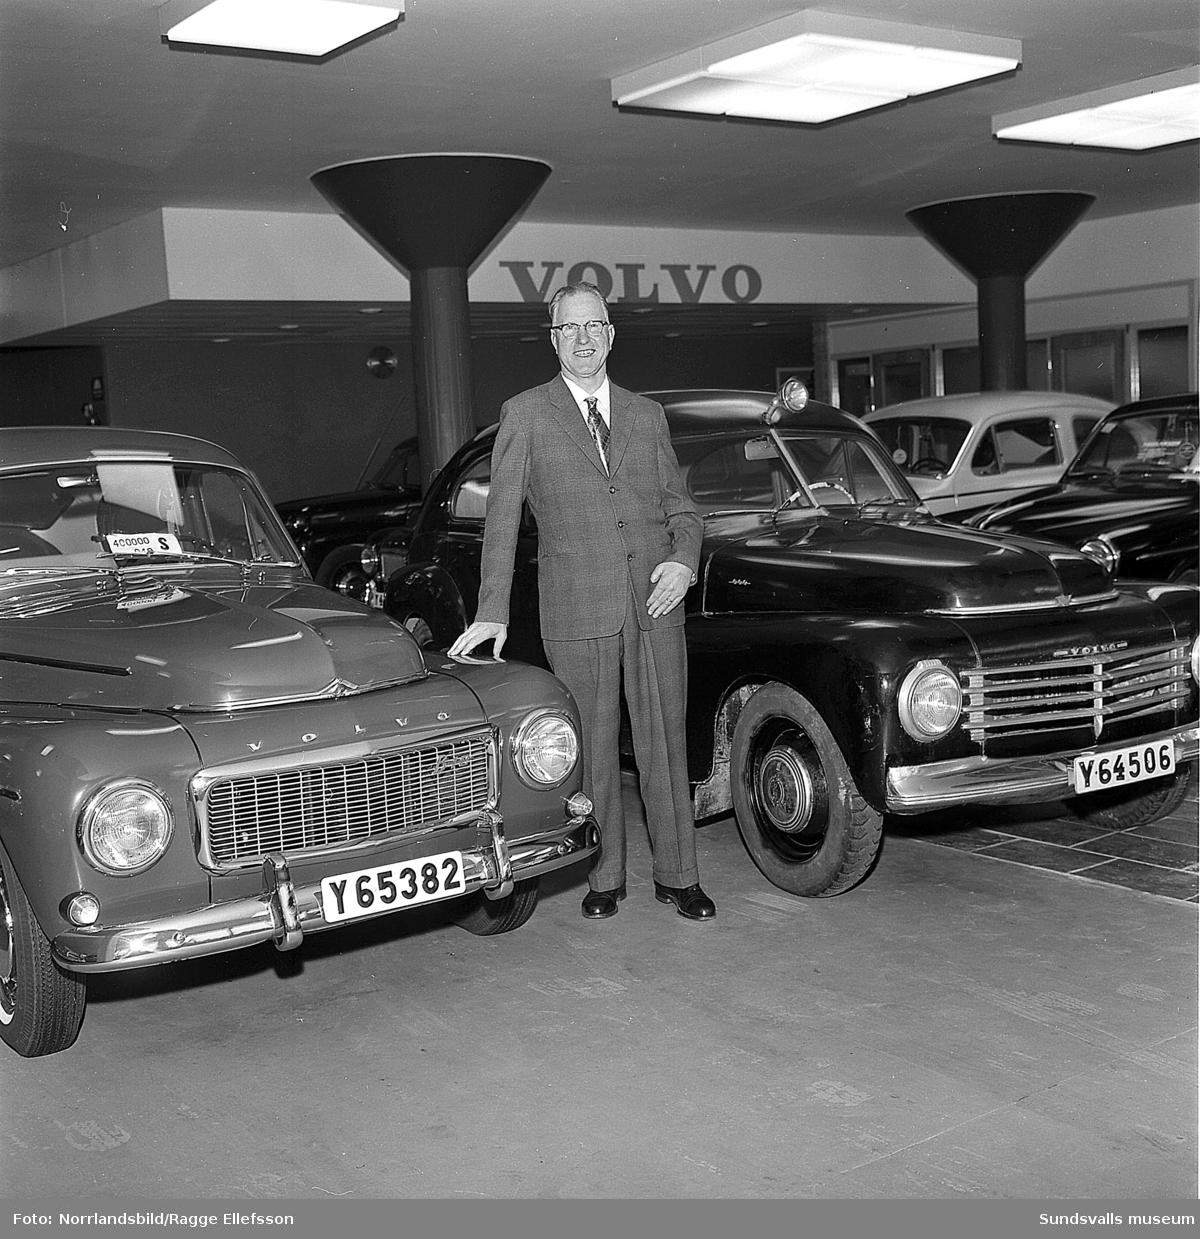 Härnösandsläkaren H.V. Zetterlund ägde landets äldsta i bruk varande Volvo PV 444 och fick gratis byta ut den mot den 400 000:e Volvo PV 544. På bilden står doktor Zetterlund mellan sin A-modell från 1947 med 41 hk motor och den nya PV 544 Sport med 90 hk B18-motor. Som synes har modellen utseendemässigt behållit sin karaktär trots att den under åren moderniserats väsentligt och att tusentals detaljändringar gjorts.